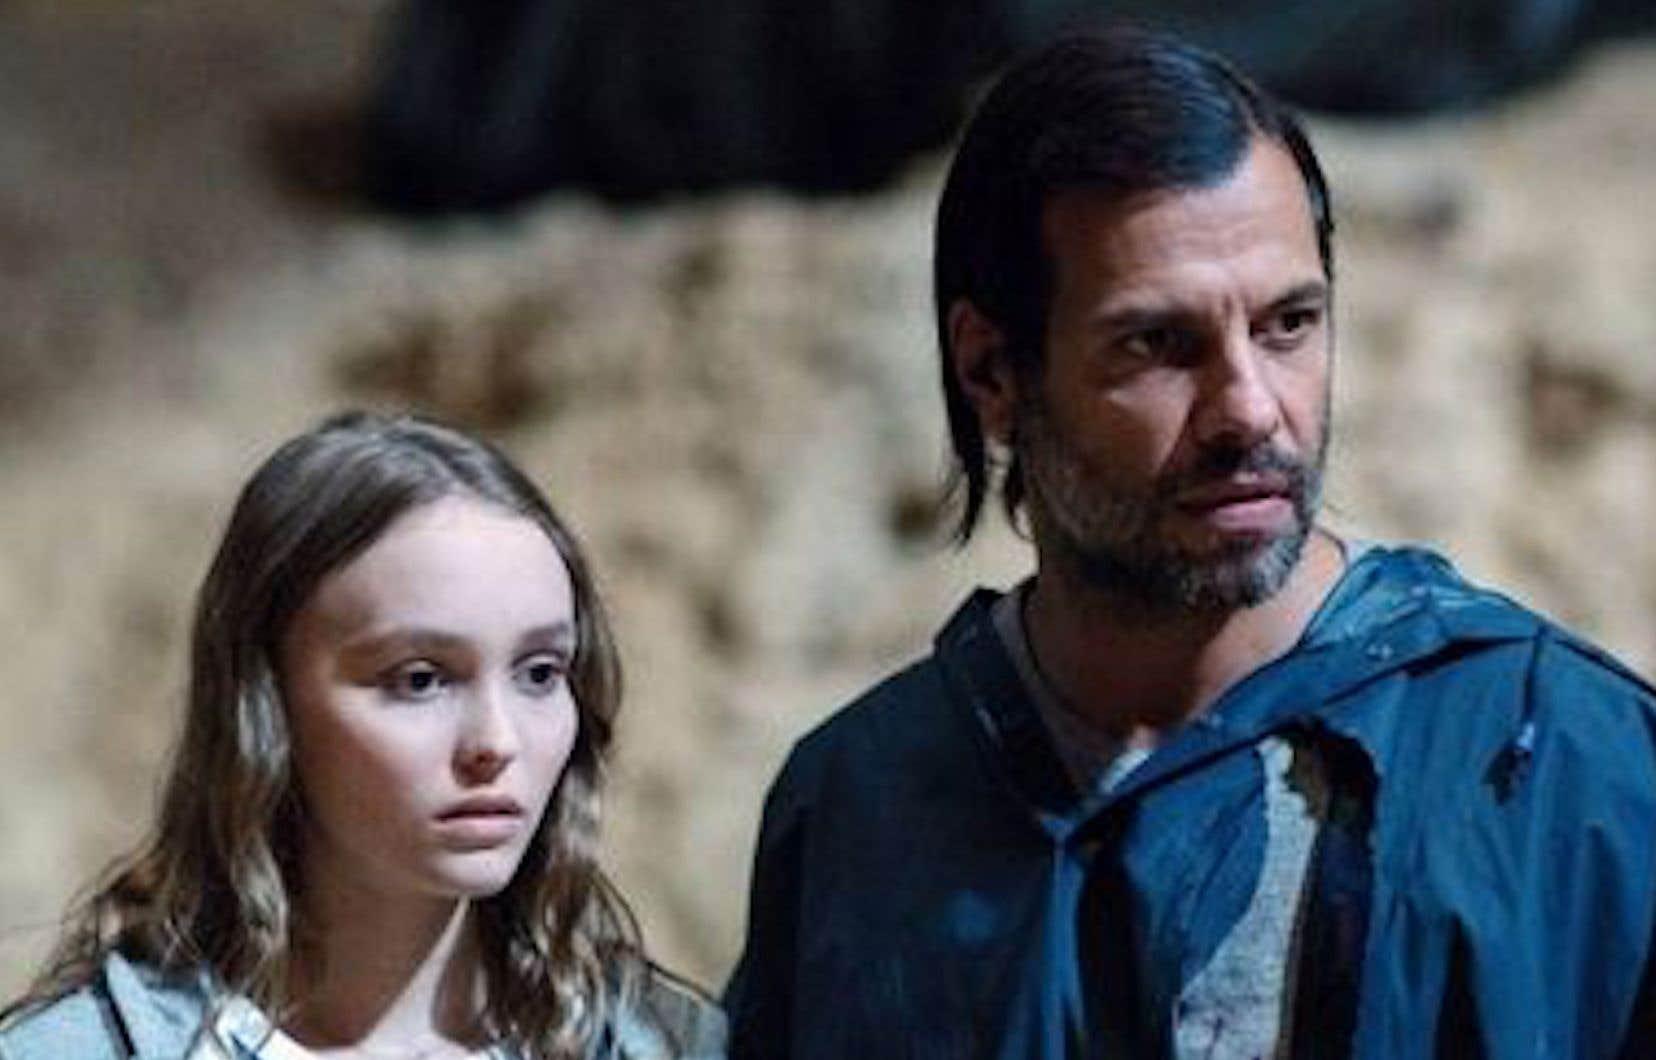 Laura (Lily-Rose Depp, incolore) est tout ce qu'il y a de banal — un fantasme mièvre de jeune fille en fleur attirée par un homme mûr possiblement dangereux (Laurent Lafitte, beige aussi).